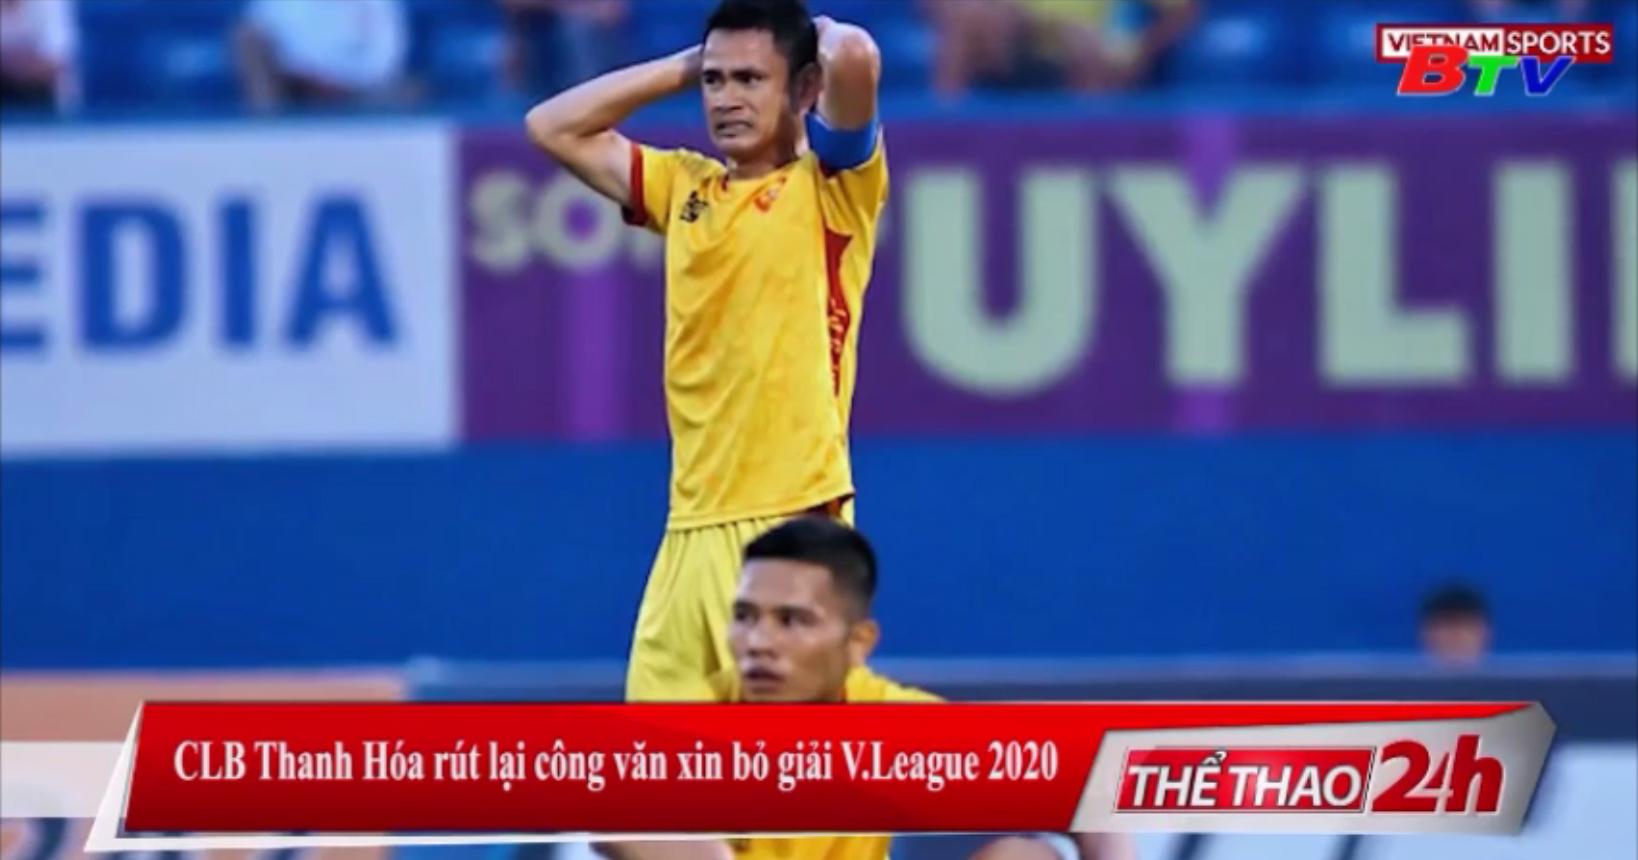 CLB Thanh Hóa rút lại công văn xin bỏ giải V-League 2020